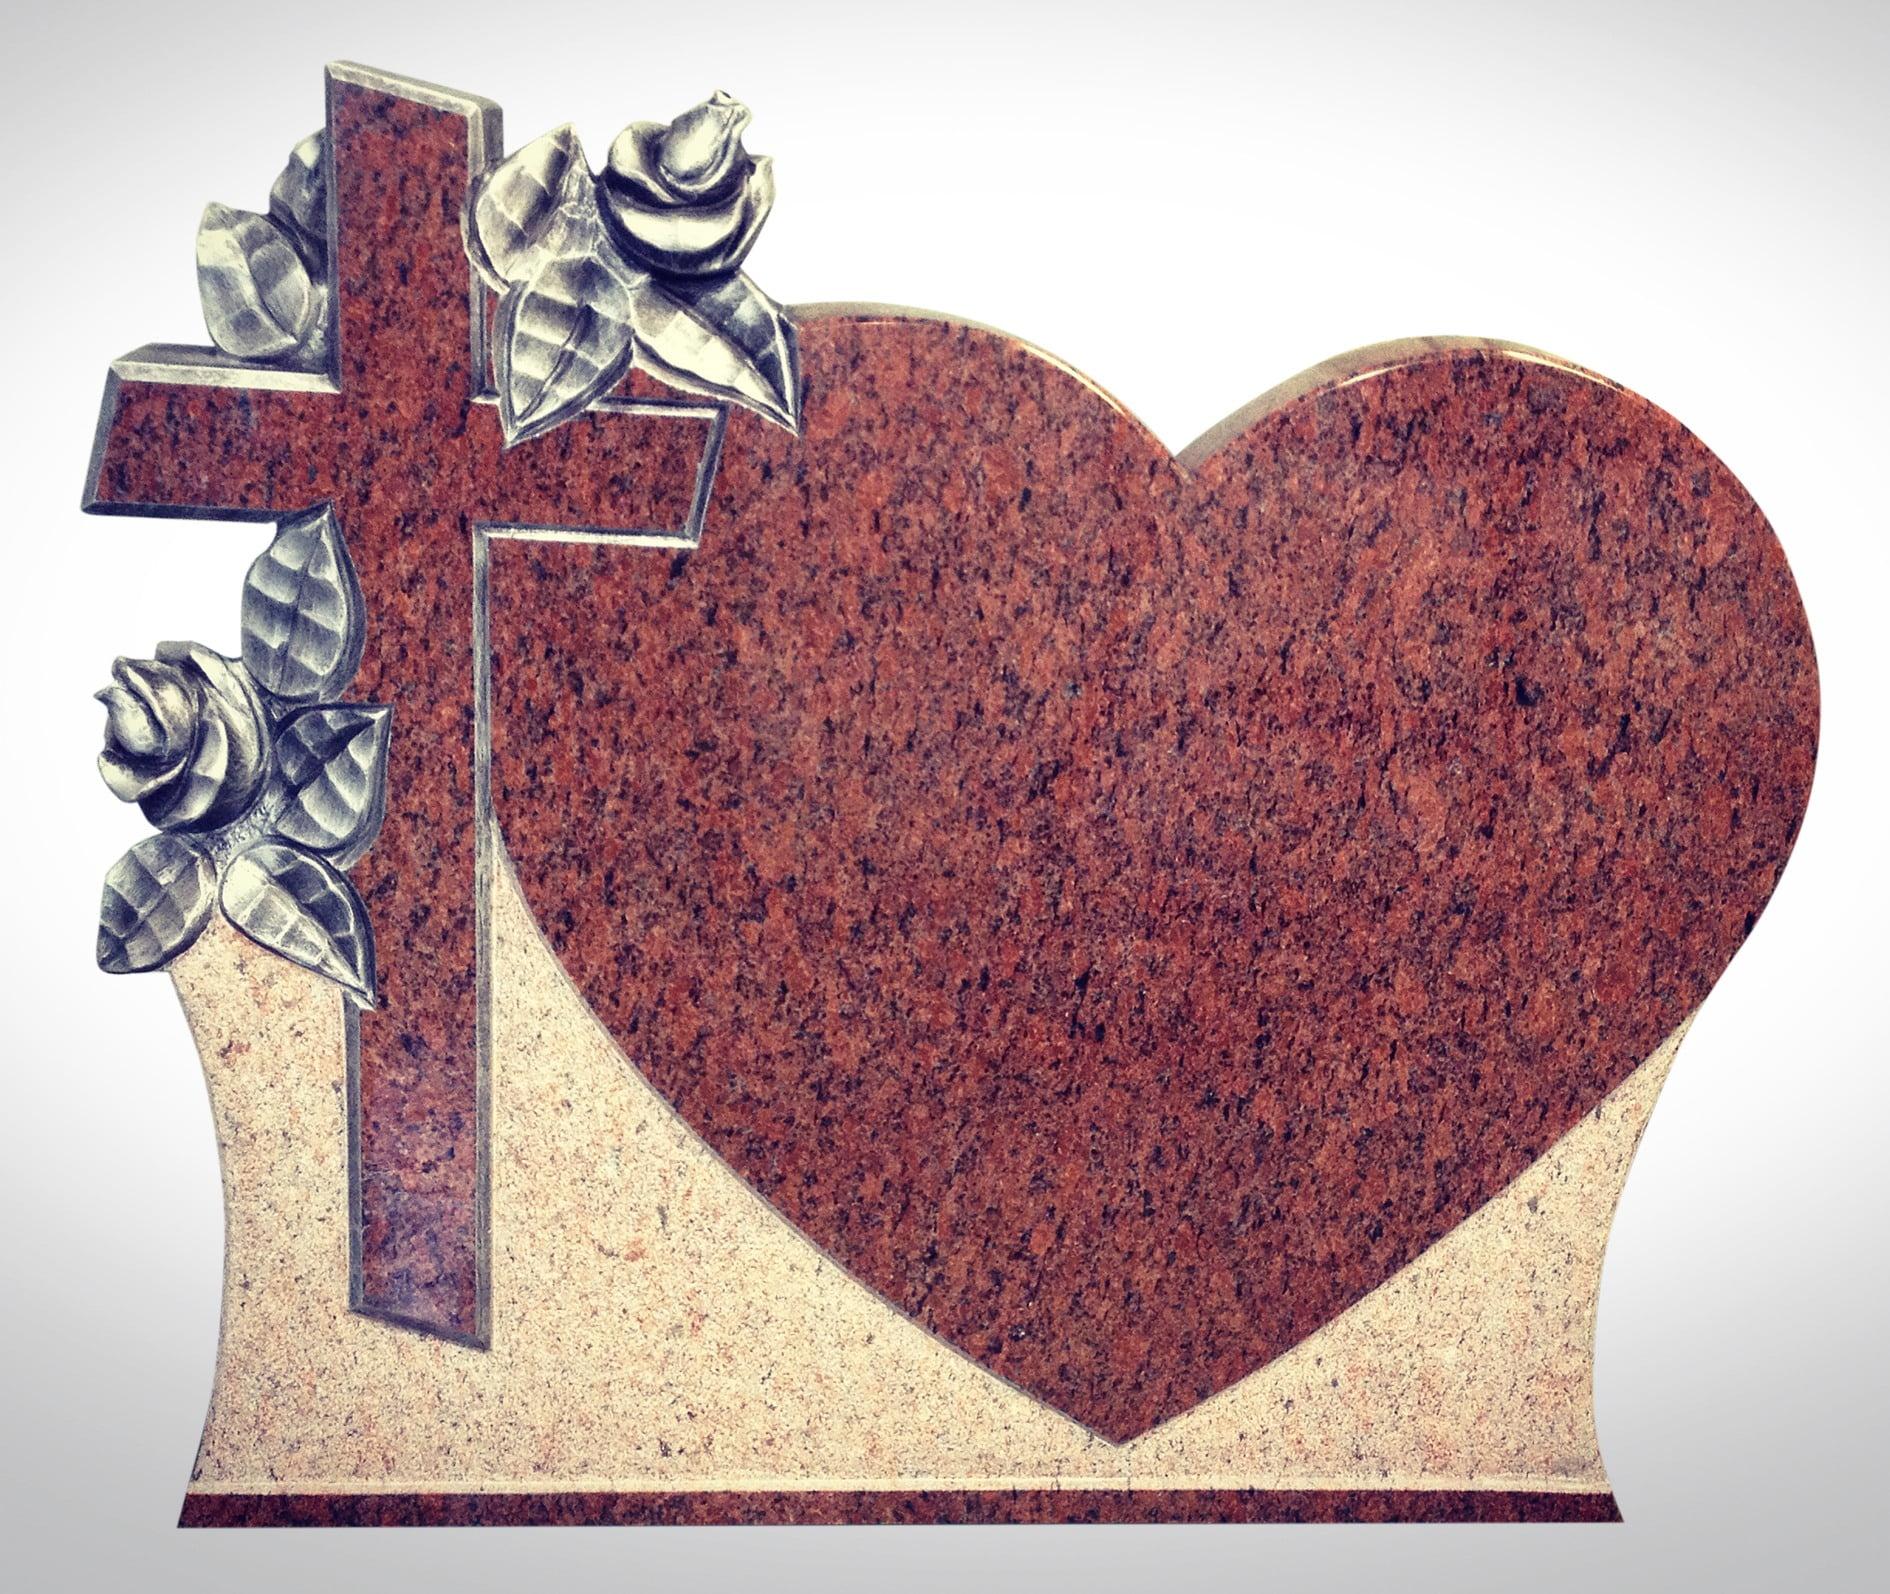 Nagrobek marmurowy z sercem - Nagrobki Bielsko-Biała